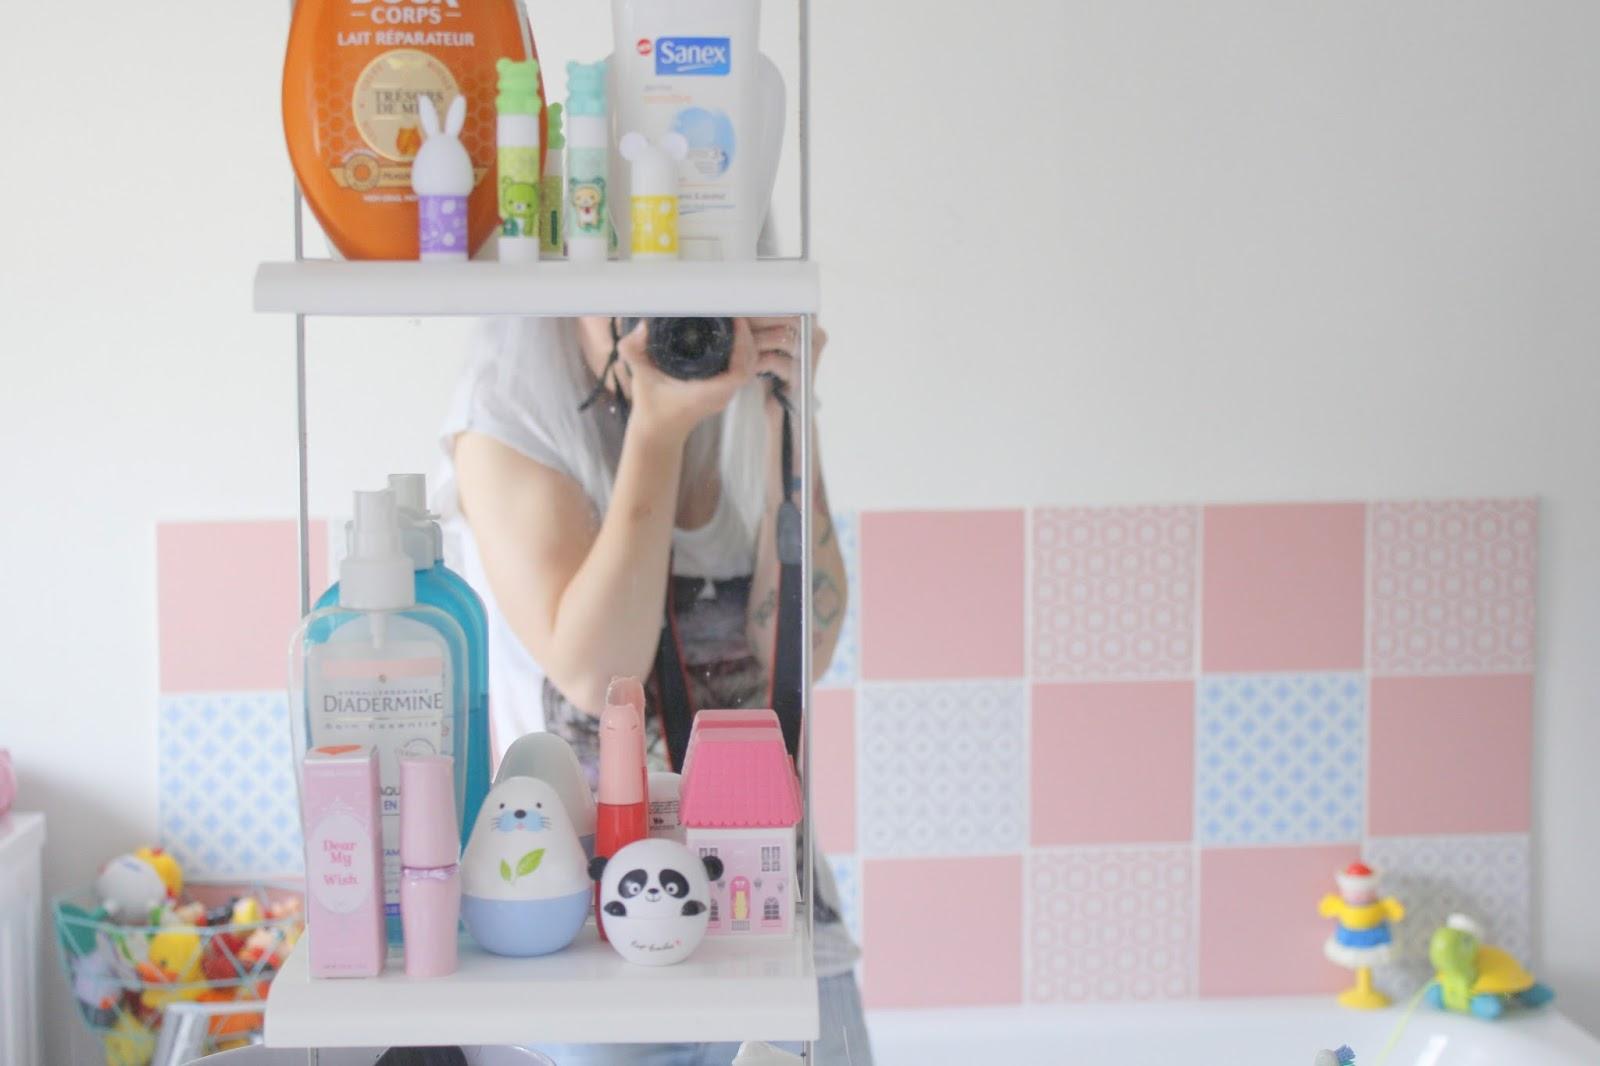 Dans la salle de bain for Odeur dans la salle de bain